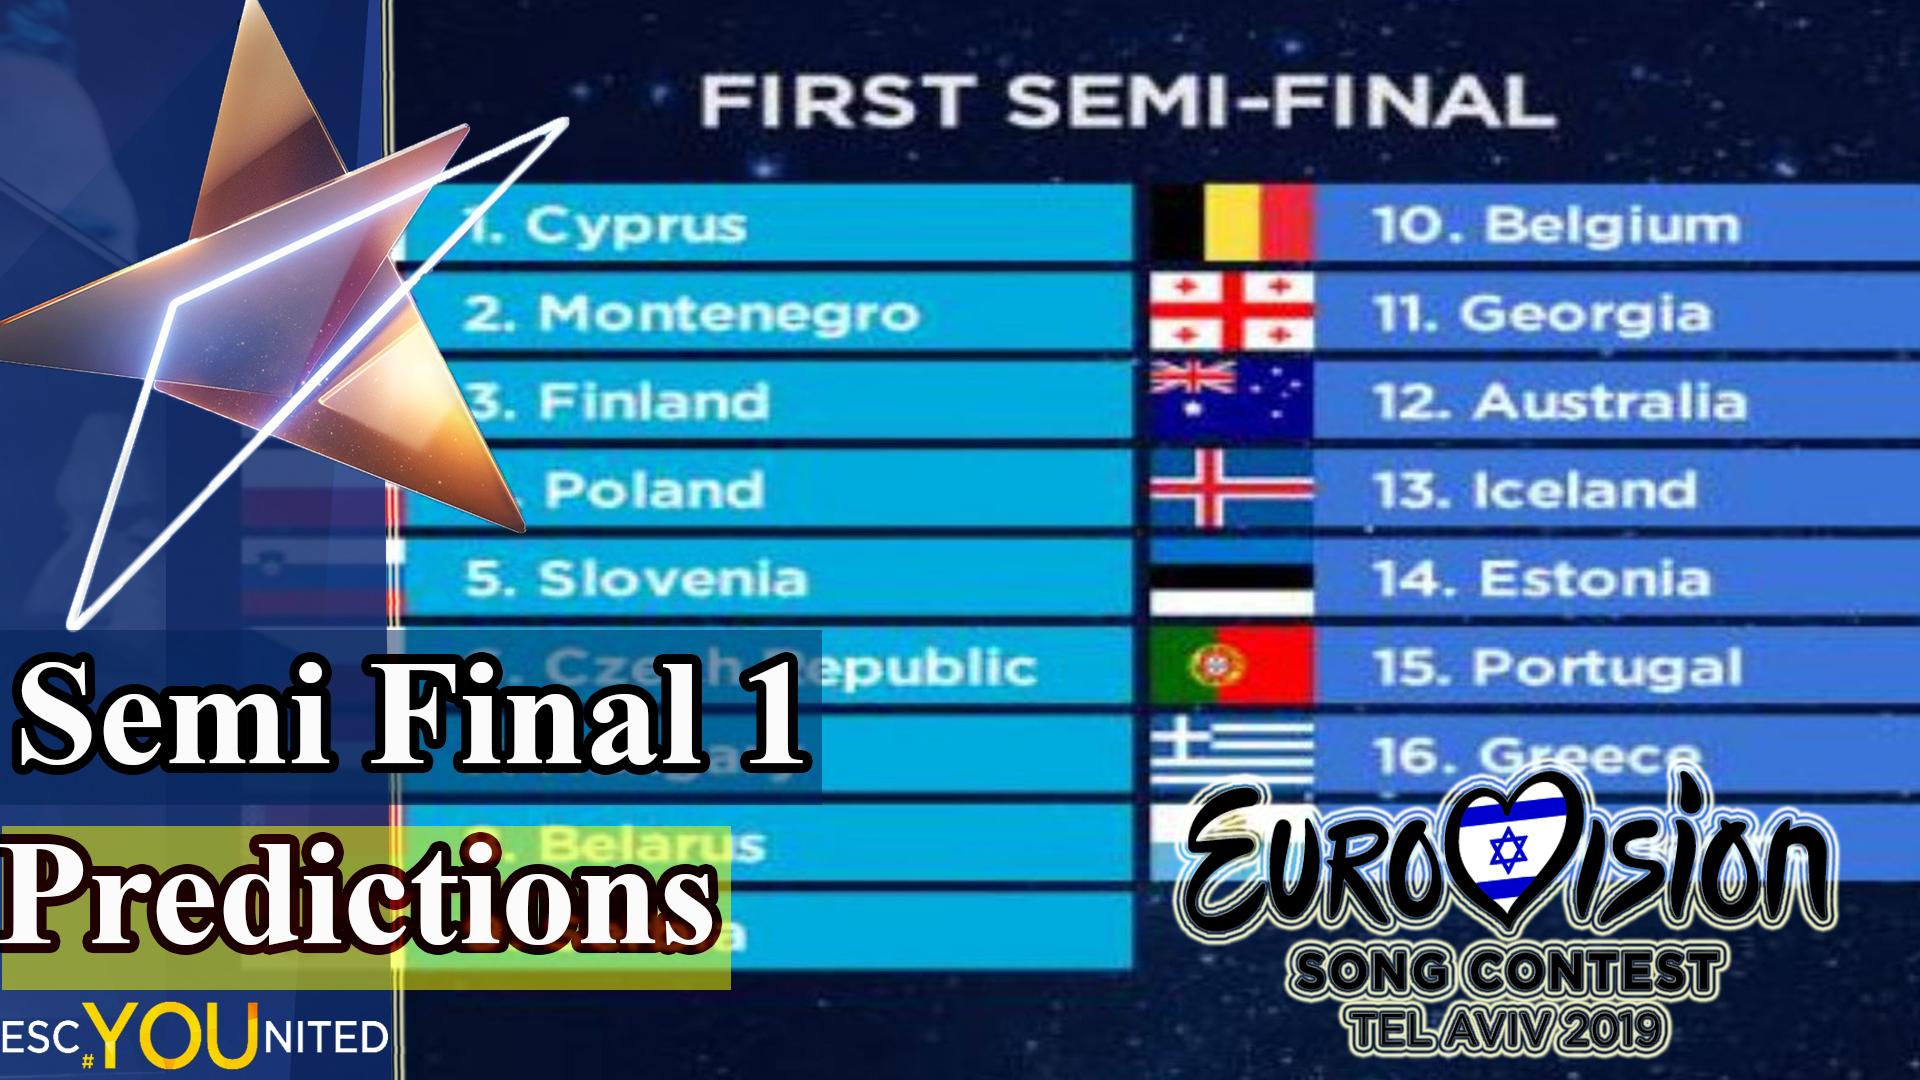 ESC United Semi Final 1 predictions: Australia & Greece to